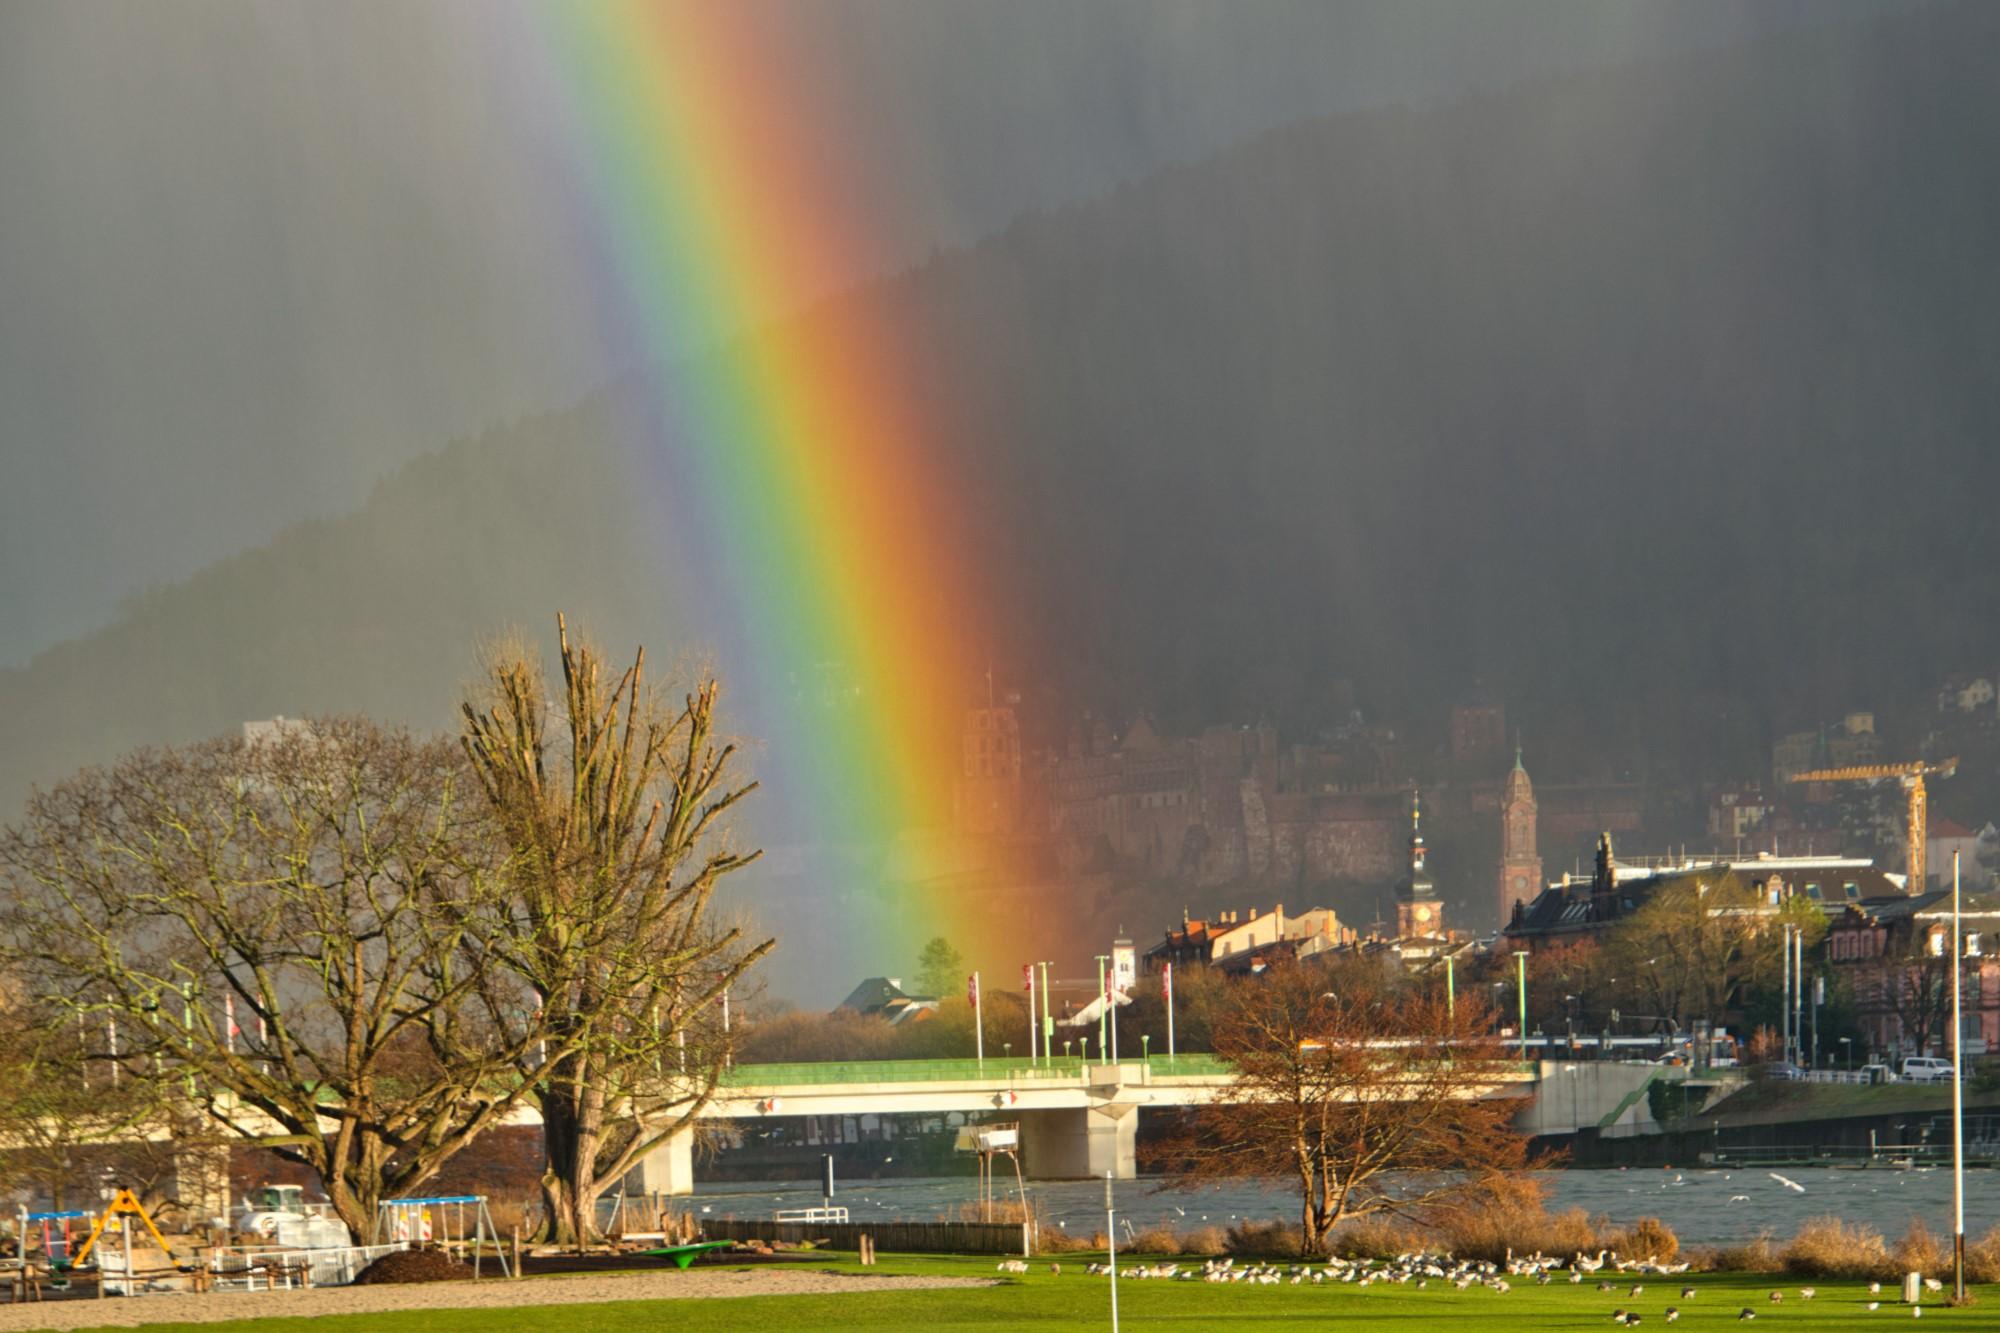 Heidelberger Schloß mit Regenbogen